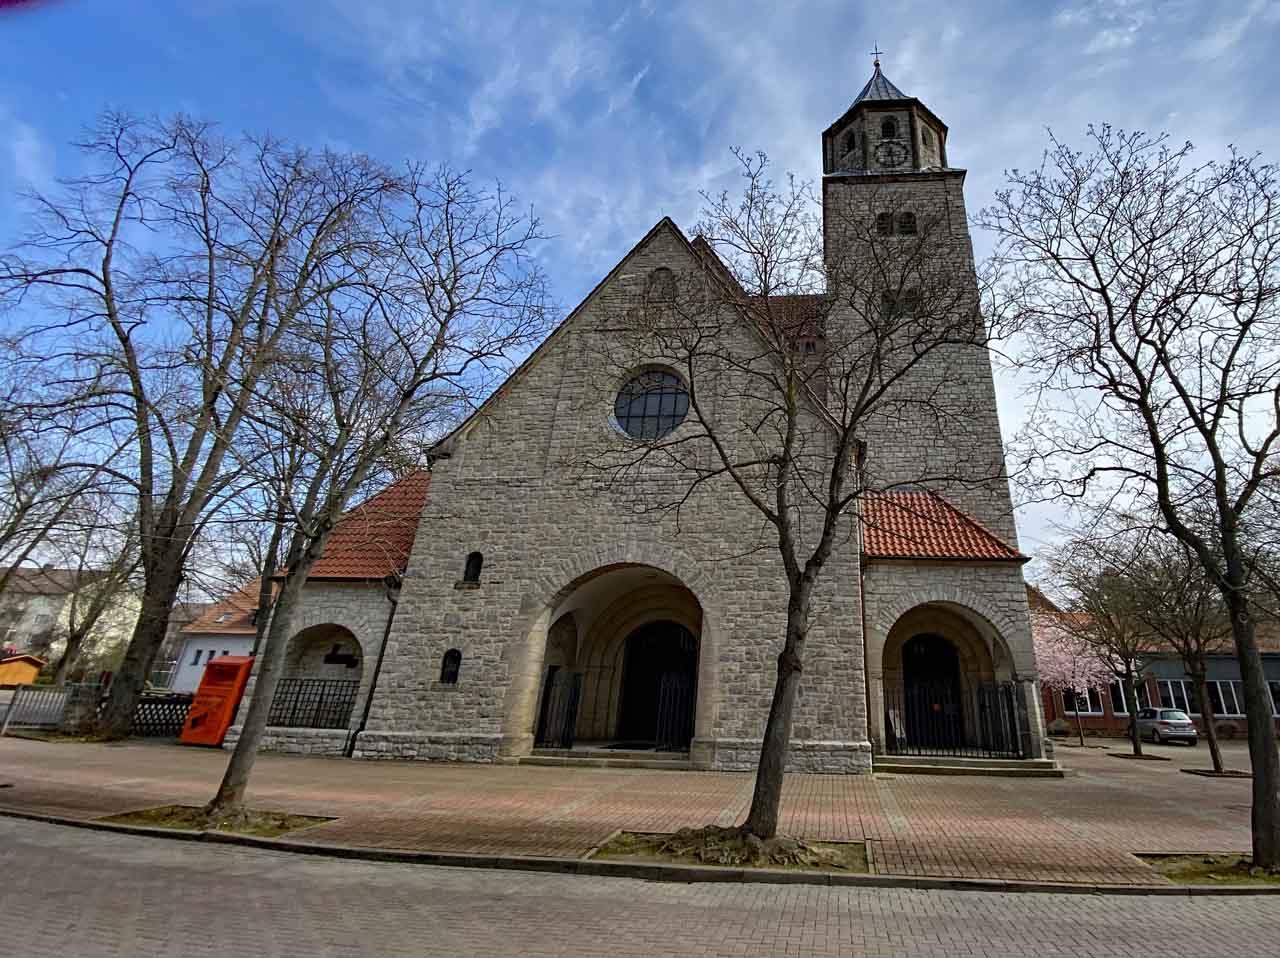 Kath. Kirche Heilig Geist in Sarstedt